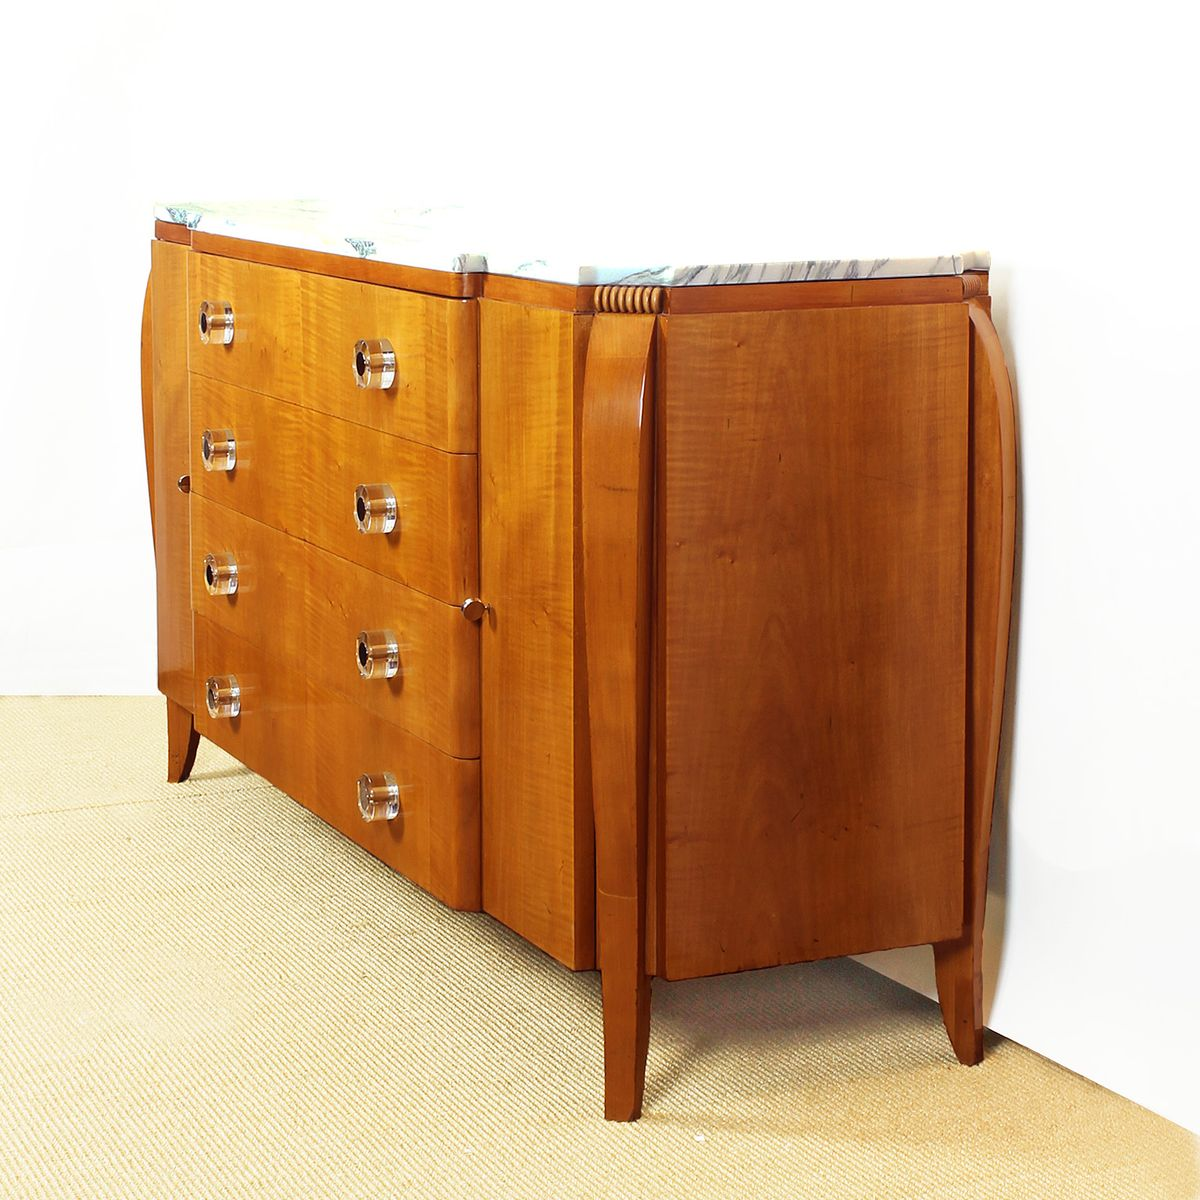 franz sische mahagoni ahorn kommode mit marmorplatte 1940er bei pamono kaufen. Black Bedroom Furniture Sets. Home Design Ideas